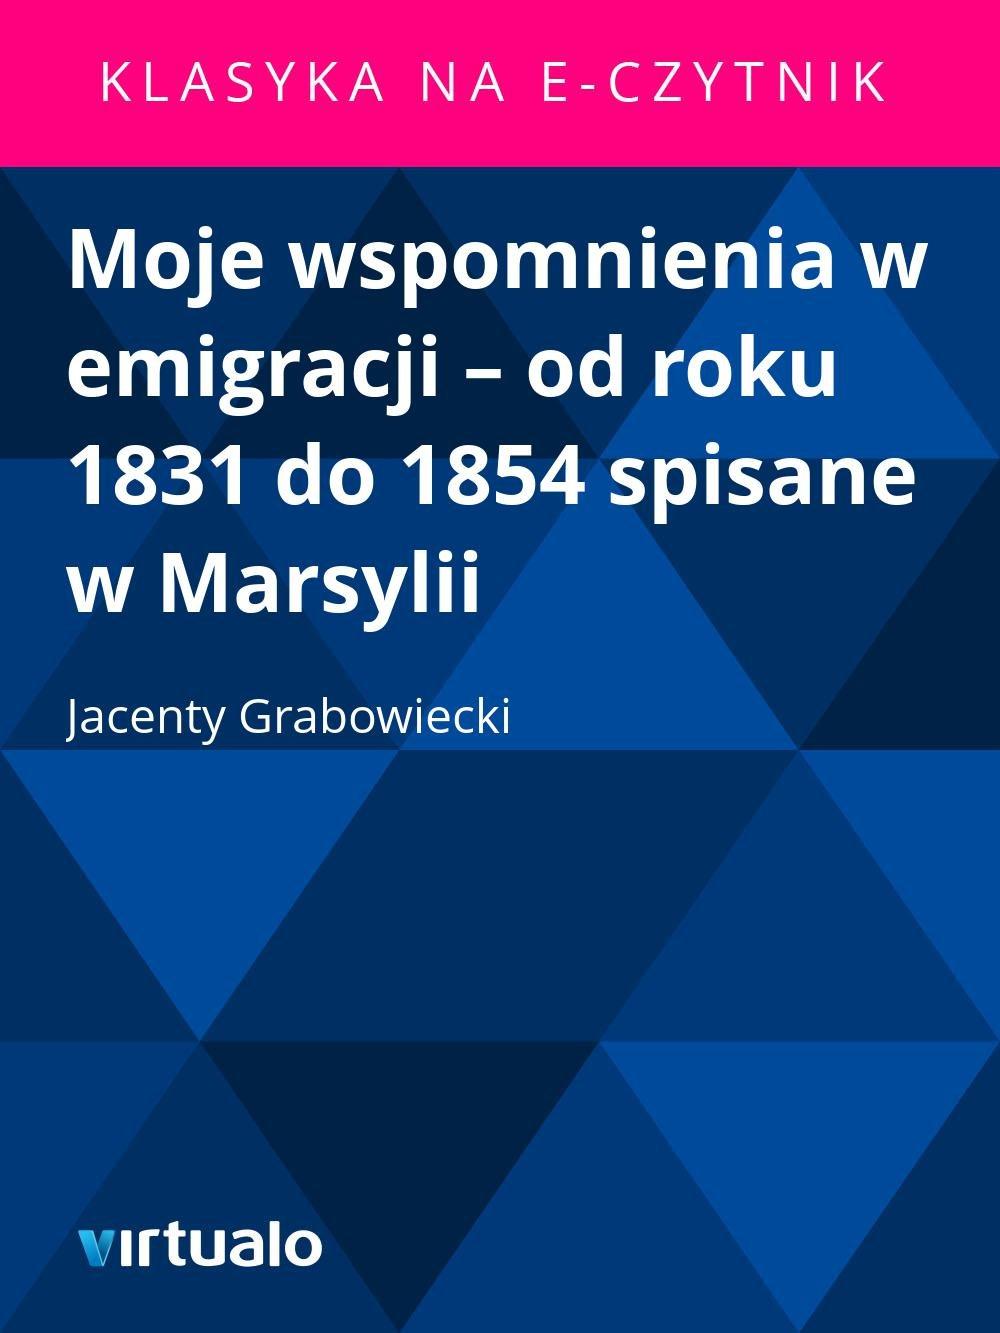 Moje wspomnienia w emigracji – od roku 1831 do 1854 spisane w Marsylii - Ebook (Książka EPUB) do pobrania w formacie EPUB